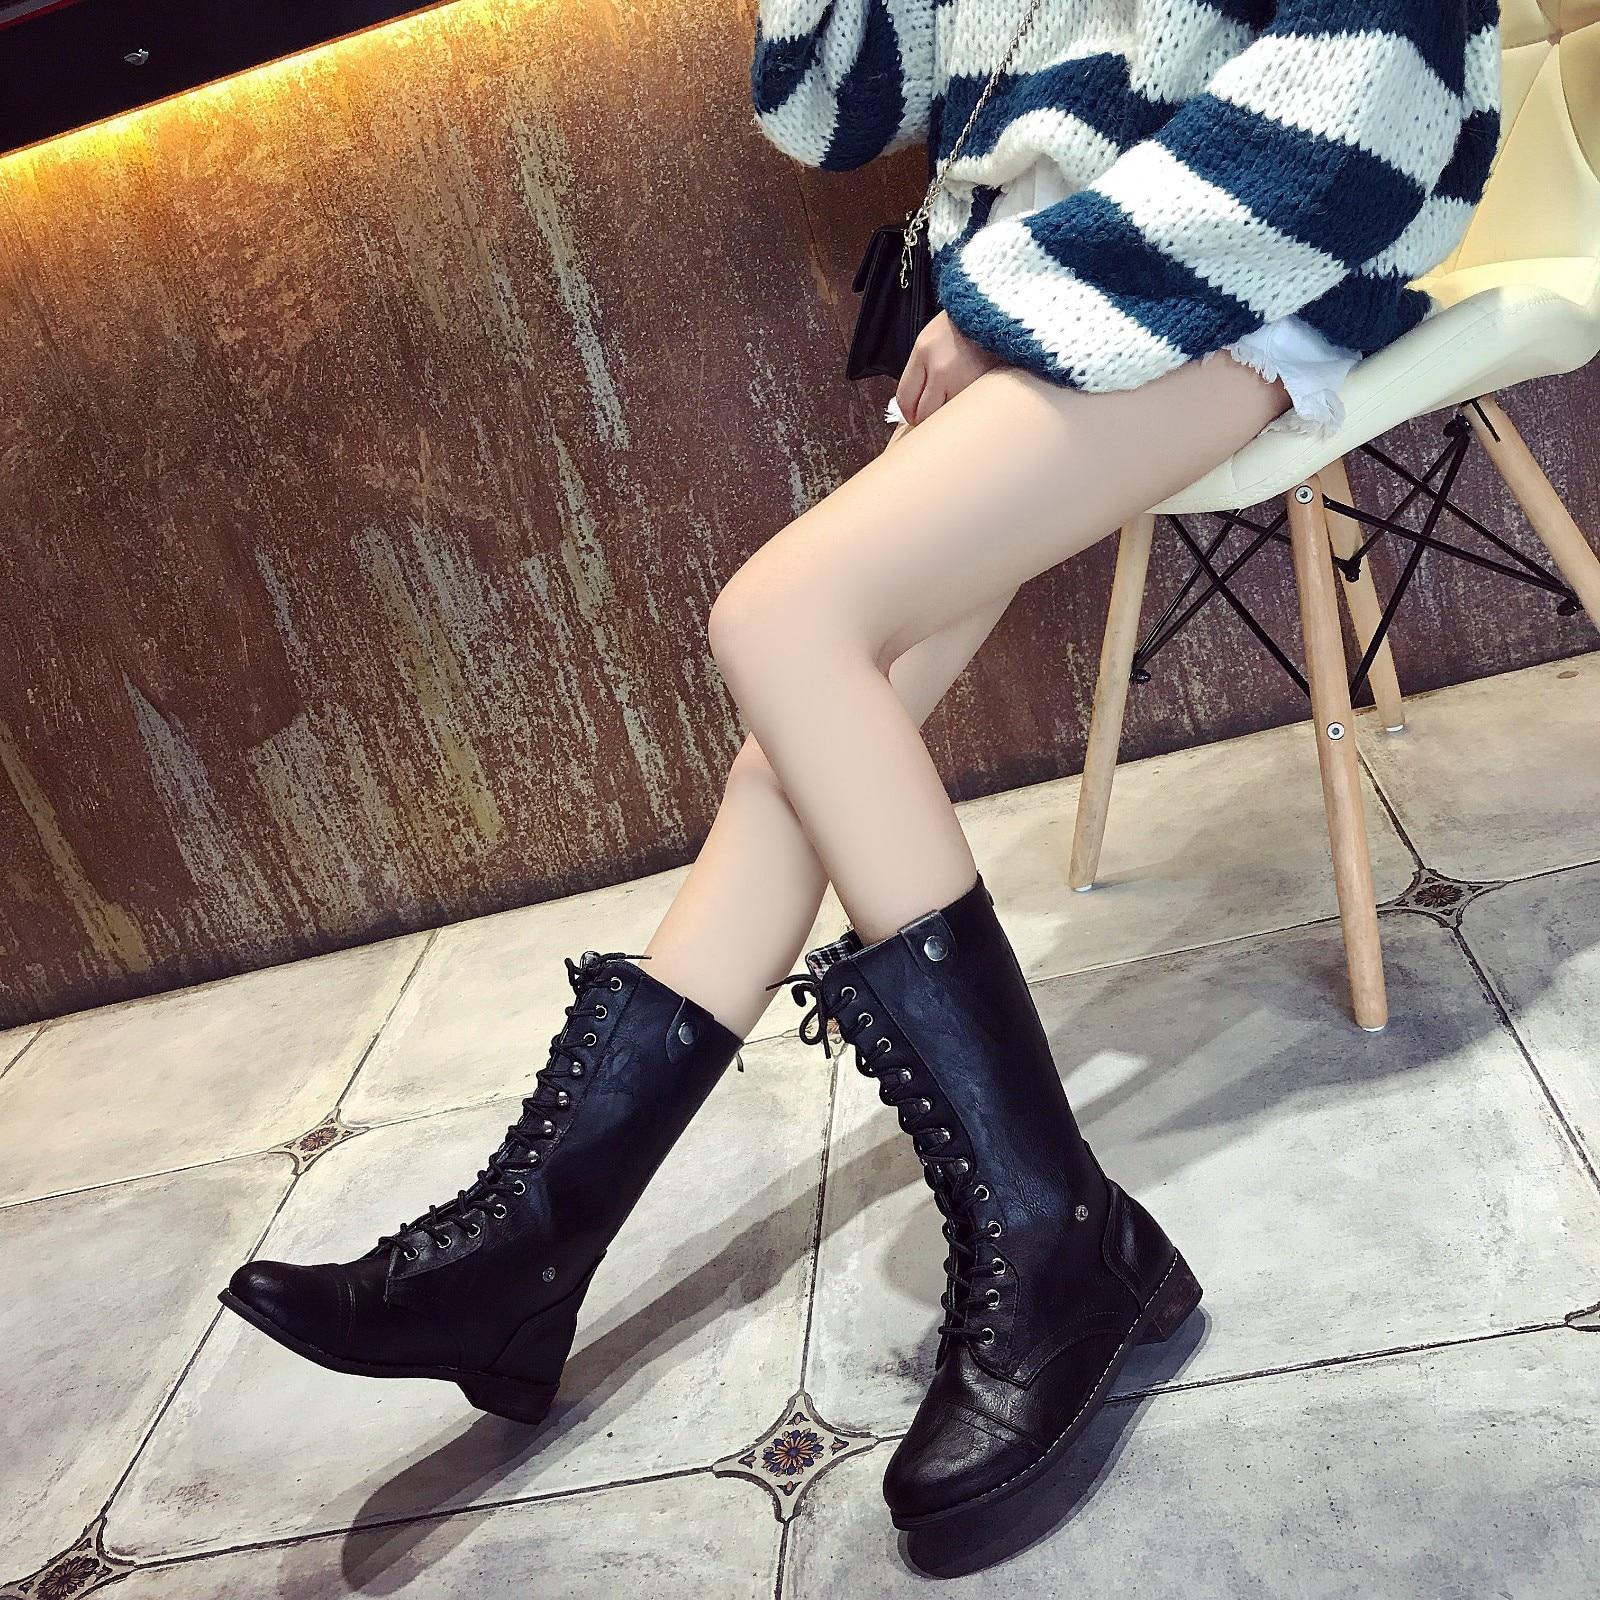 Dames 2018 Hiver marron Chaussures Mujer9 Botas mollet Mi Femmes Mujer Romaine Cowboy Bottes Femme Boucle Martin Zapatos Équitation Noir De wqI45Sd